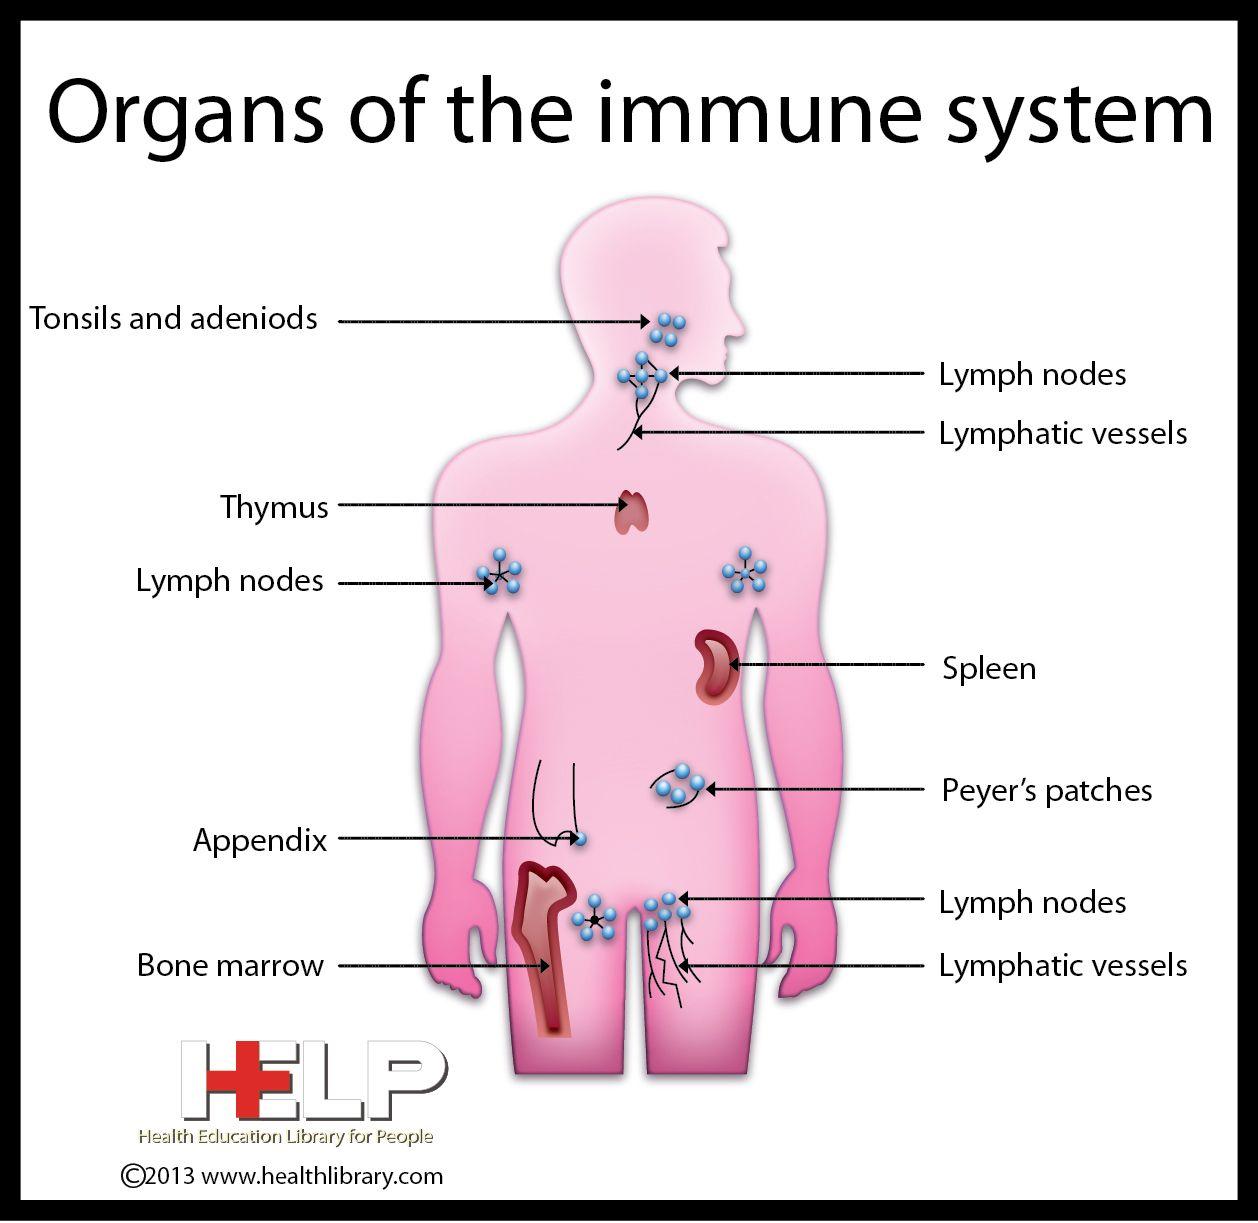 Organs of the Immune System | Immune System | Pinterest | Immune system